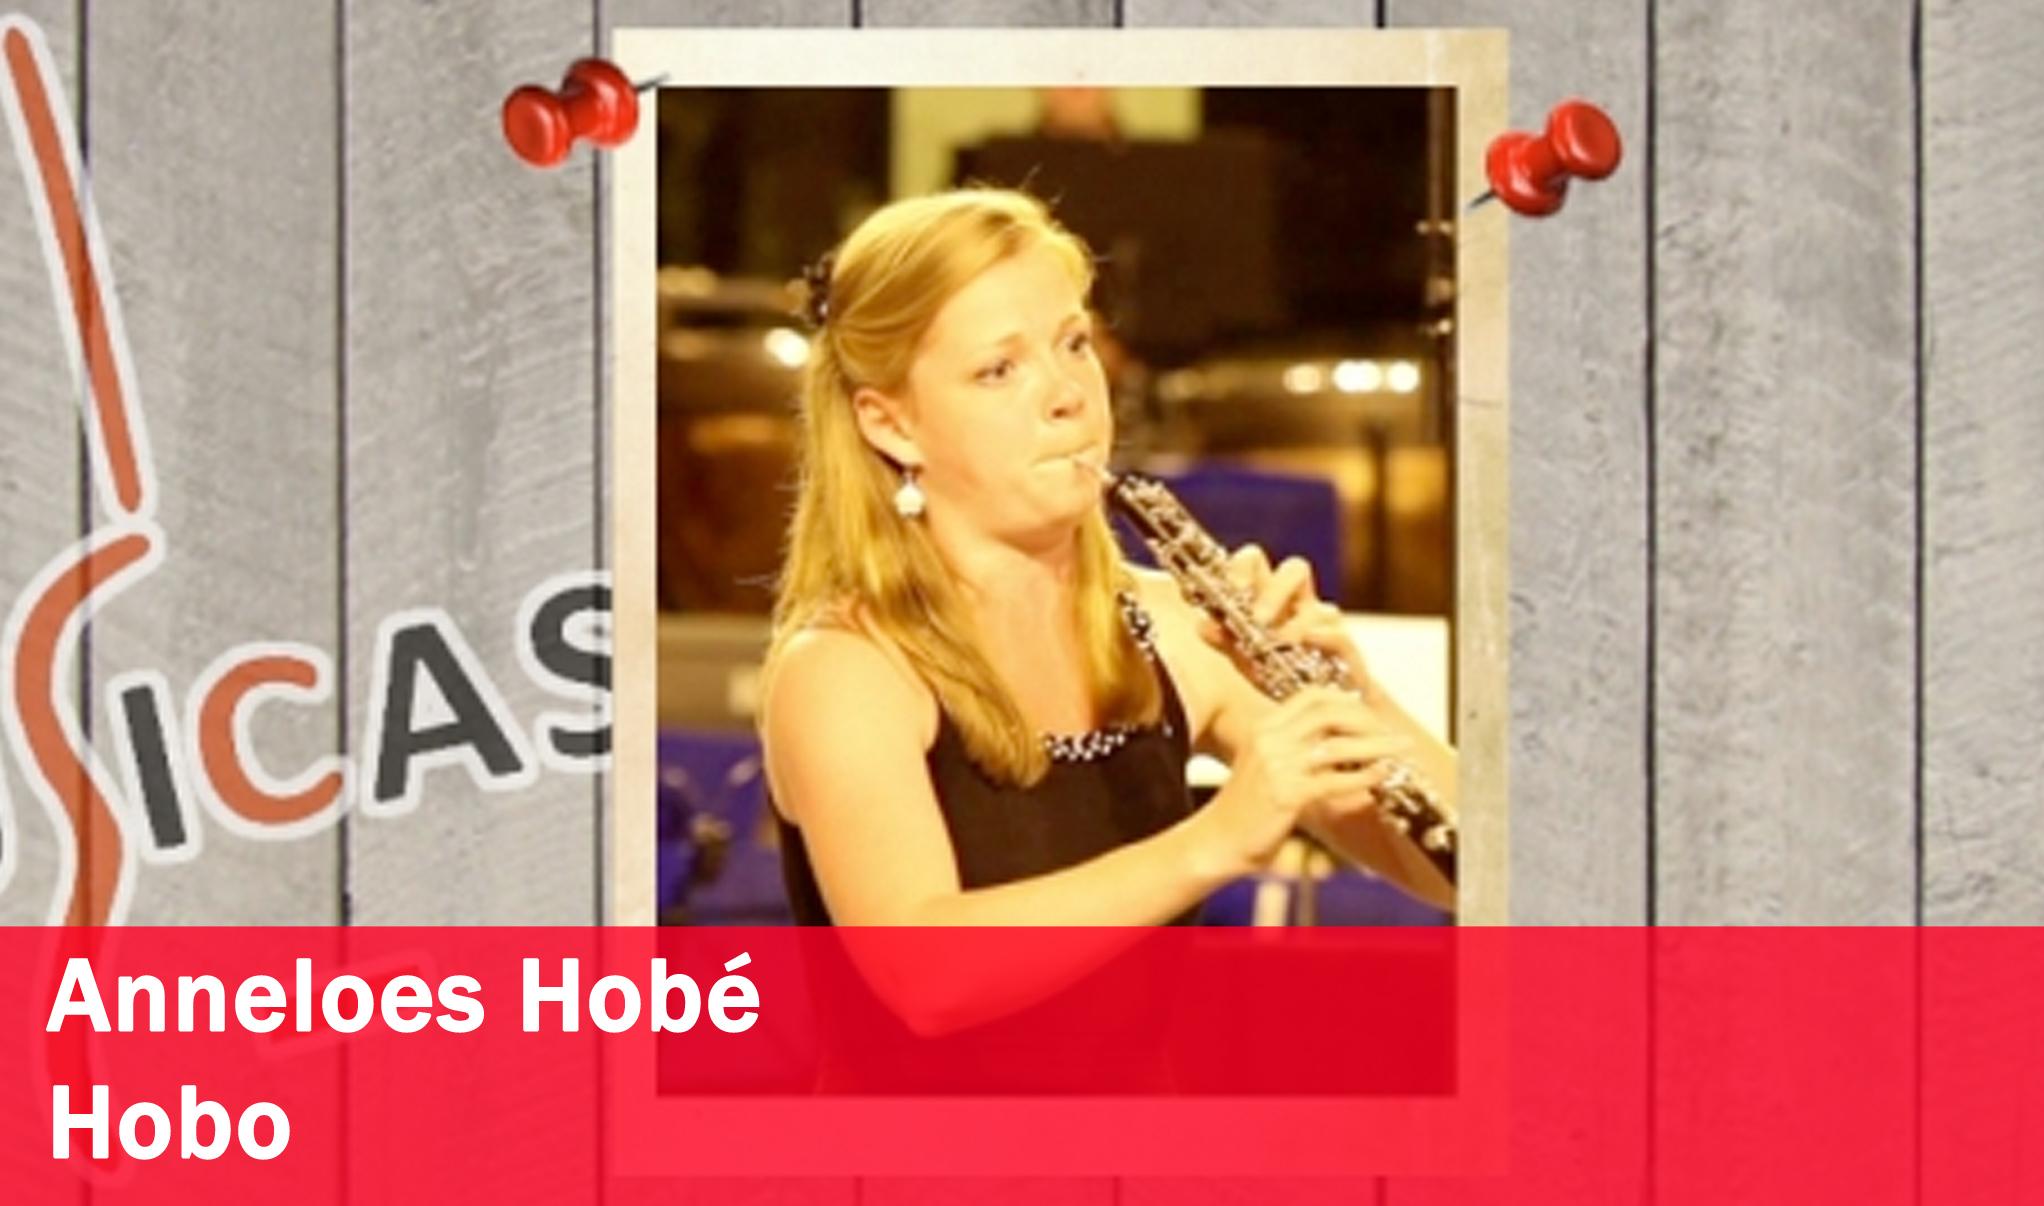 Anneloes Hobé <br>Hobo